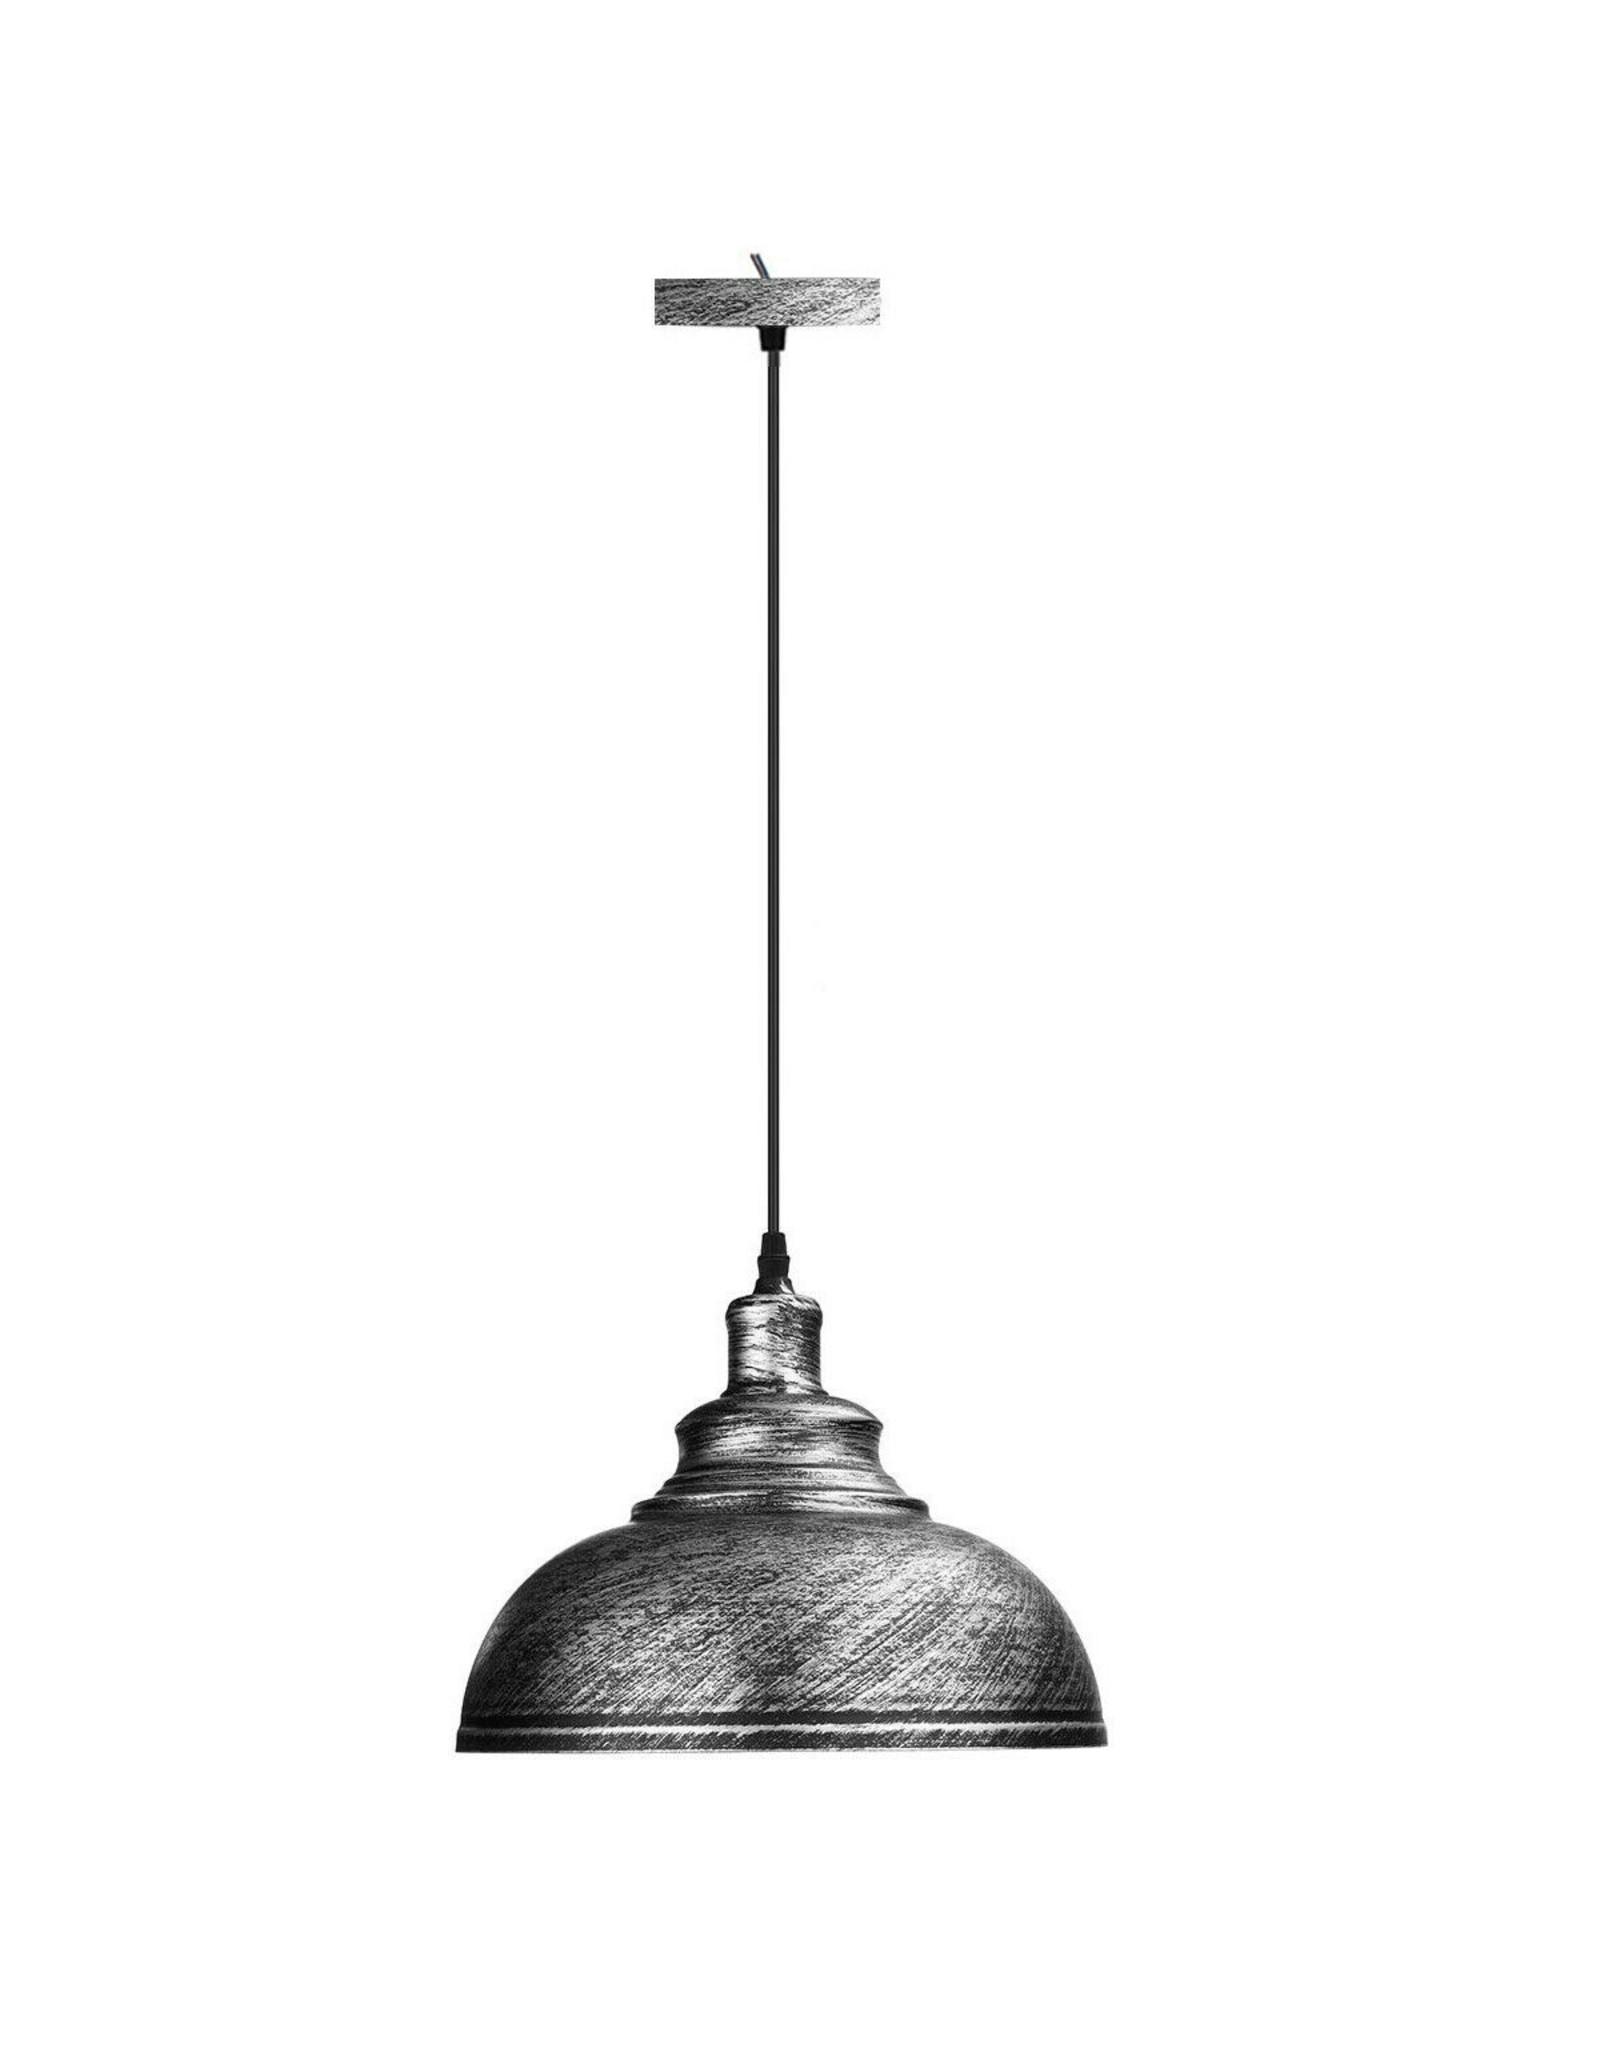 Hanglamp in geborsteld zilver look